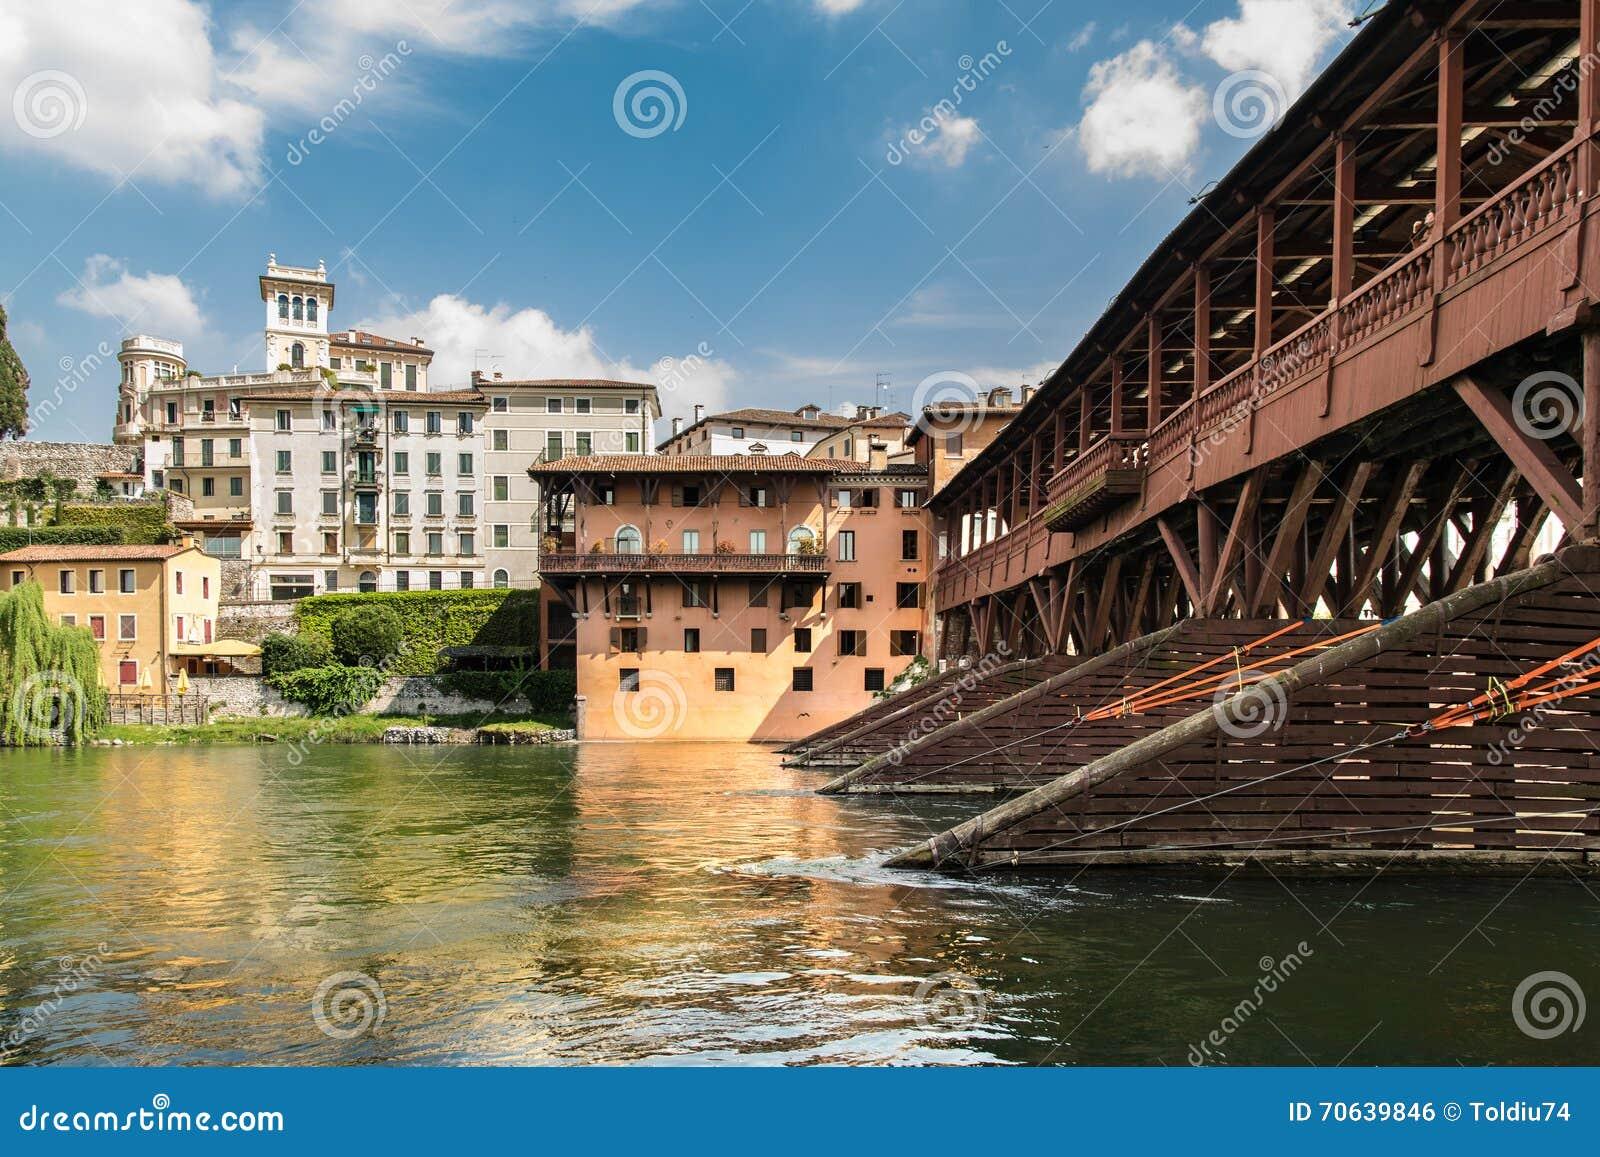 Ponte del alpini a bassano del grappa vicenza italia - Annunci immobiliari bassano del grappa ...